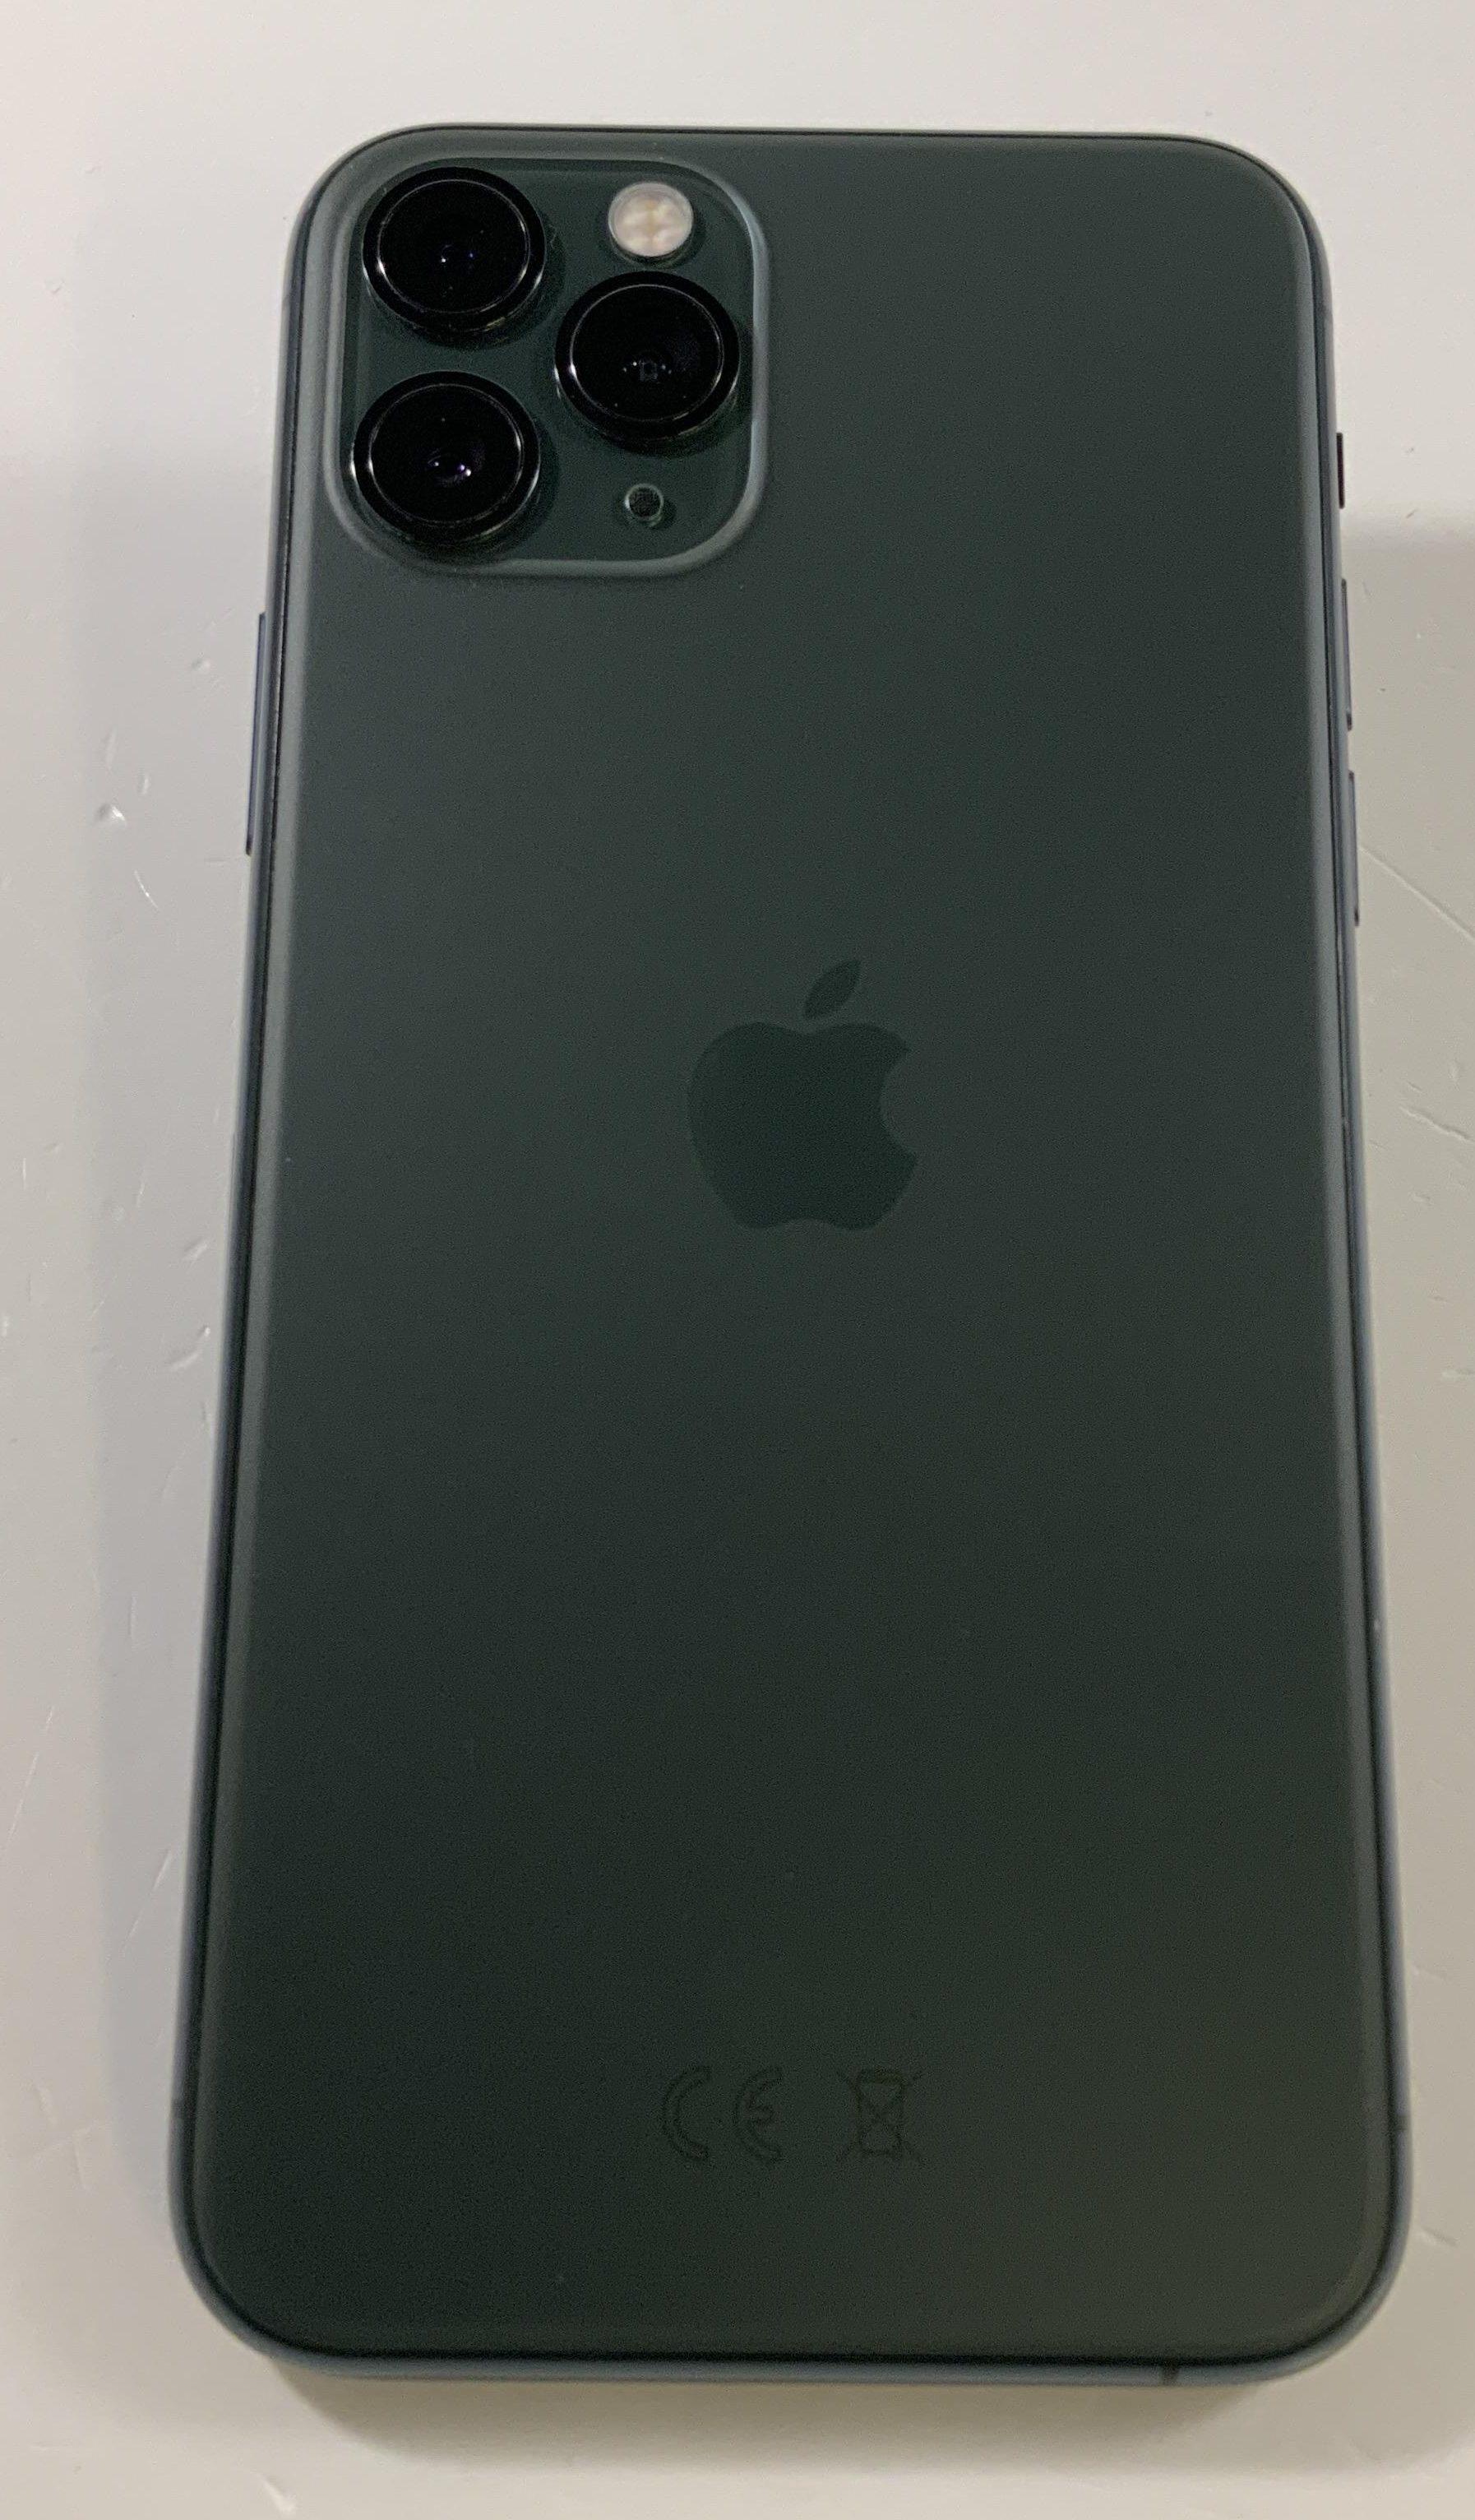 iPhone 11 Pro 512GB, 512GB, Midnight Green, immagine 2